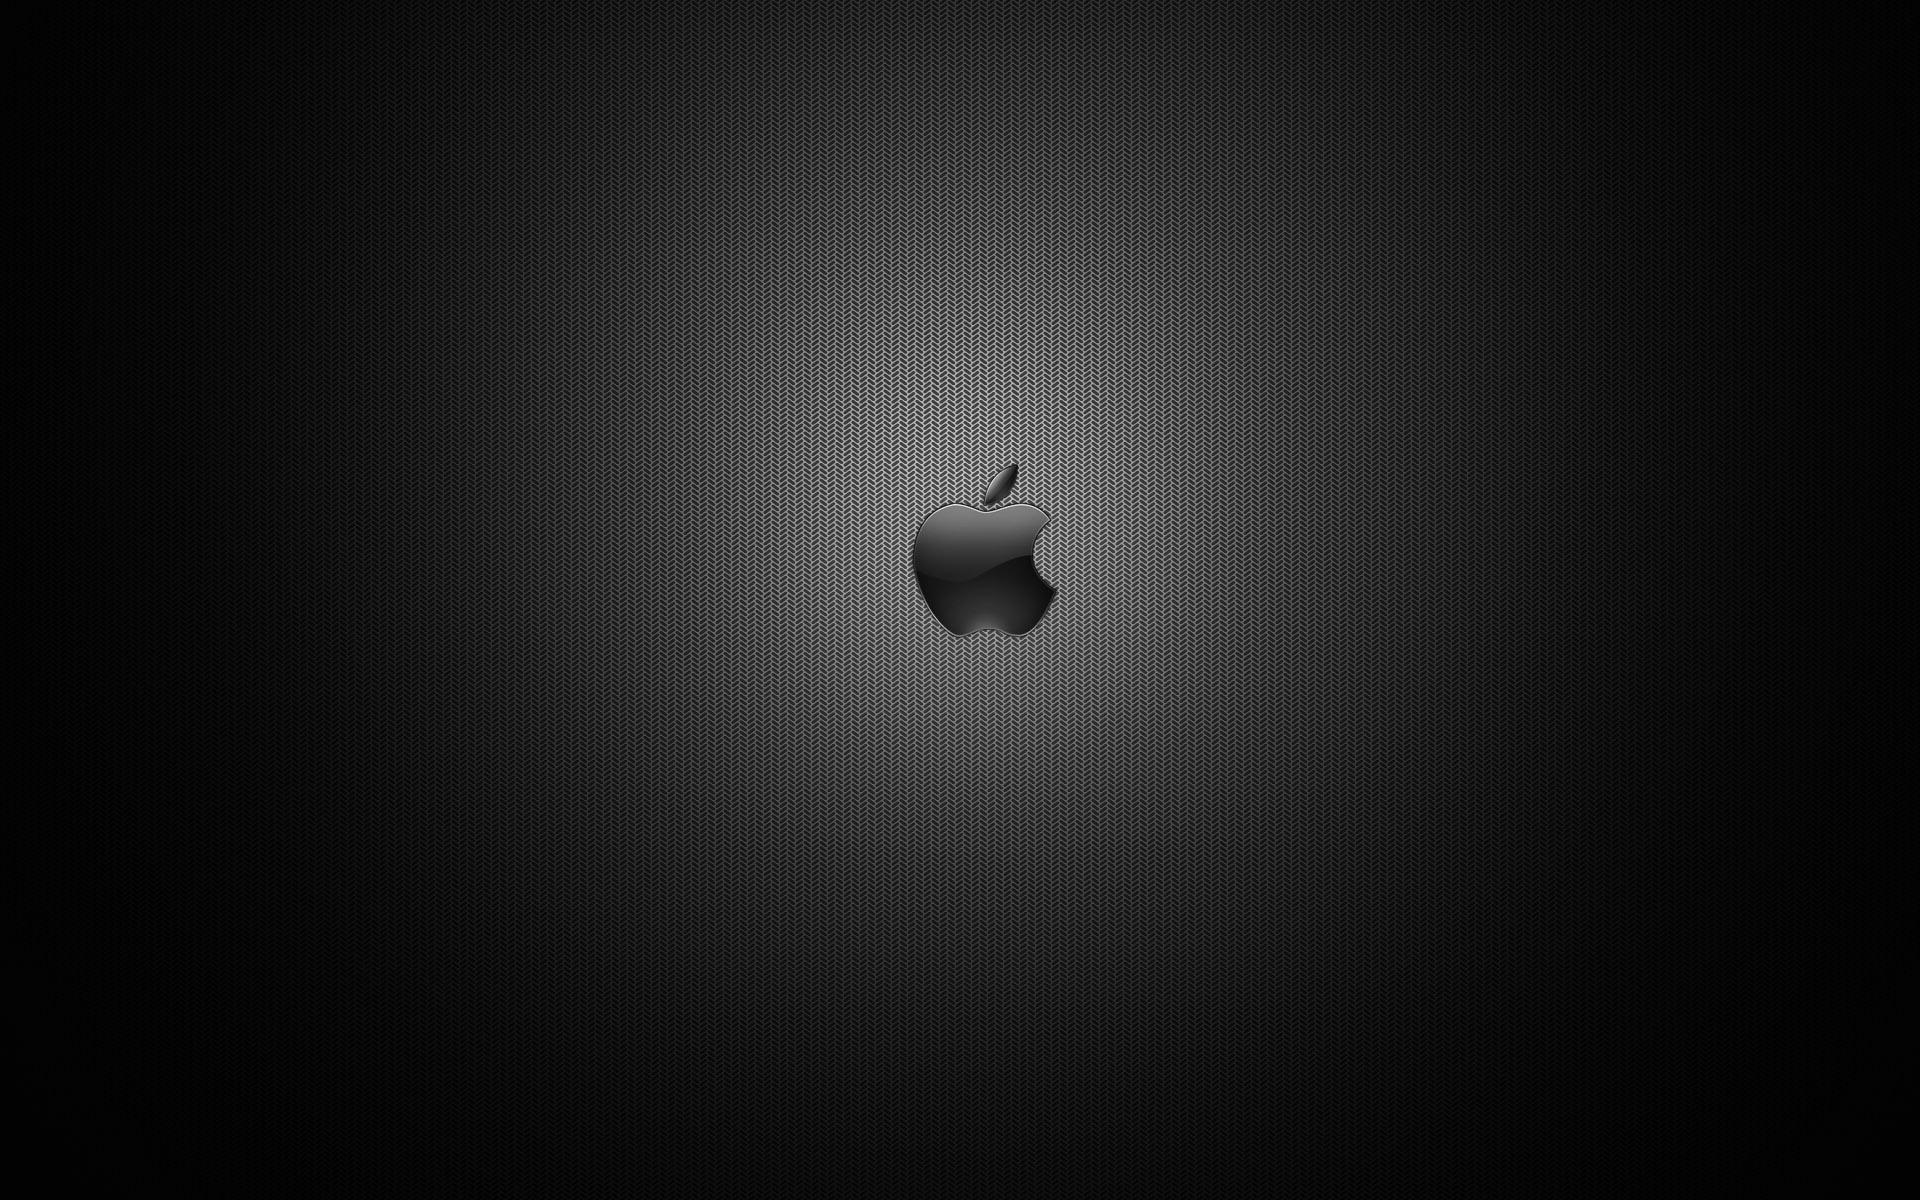 Wallpaper Dark Apple Logo